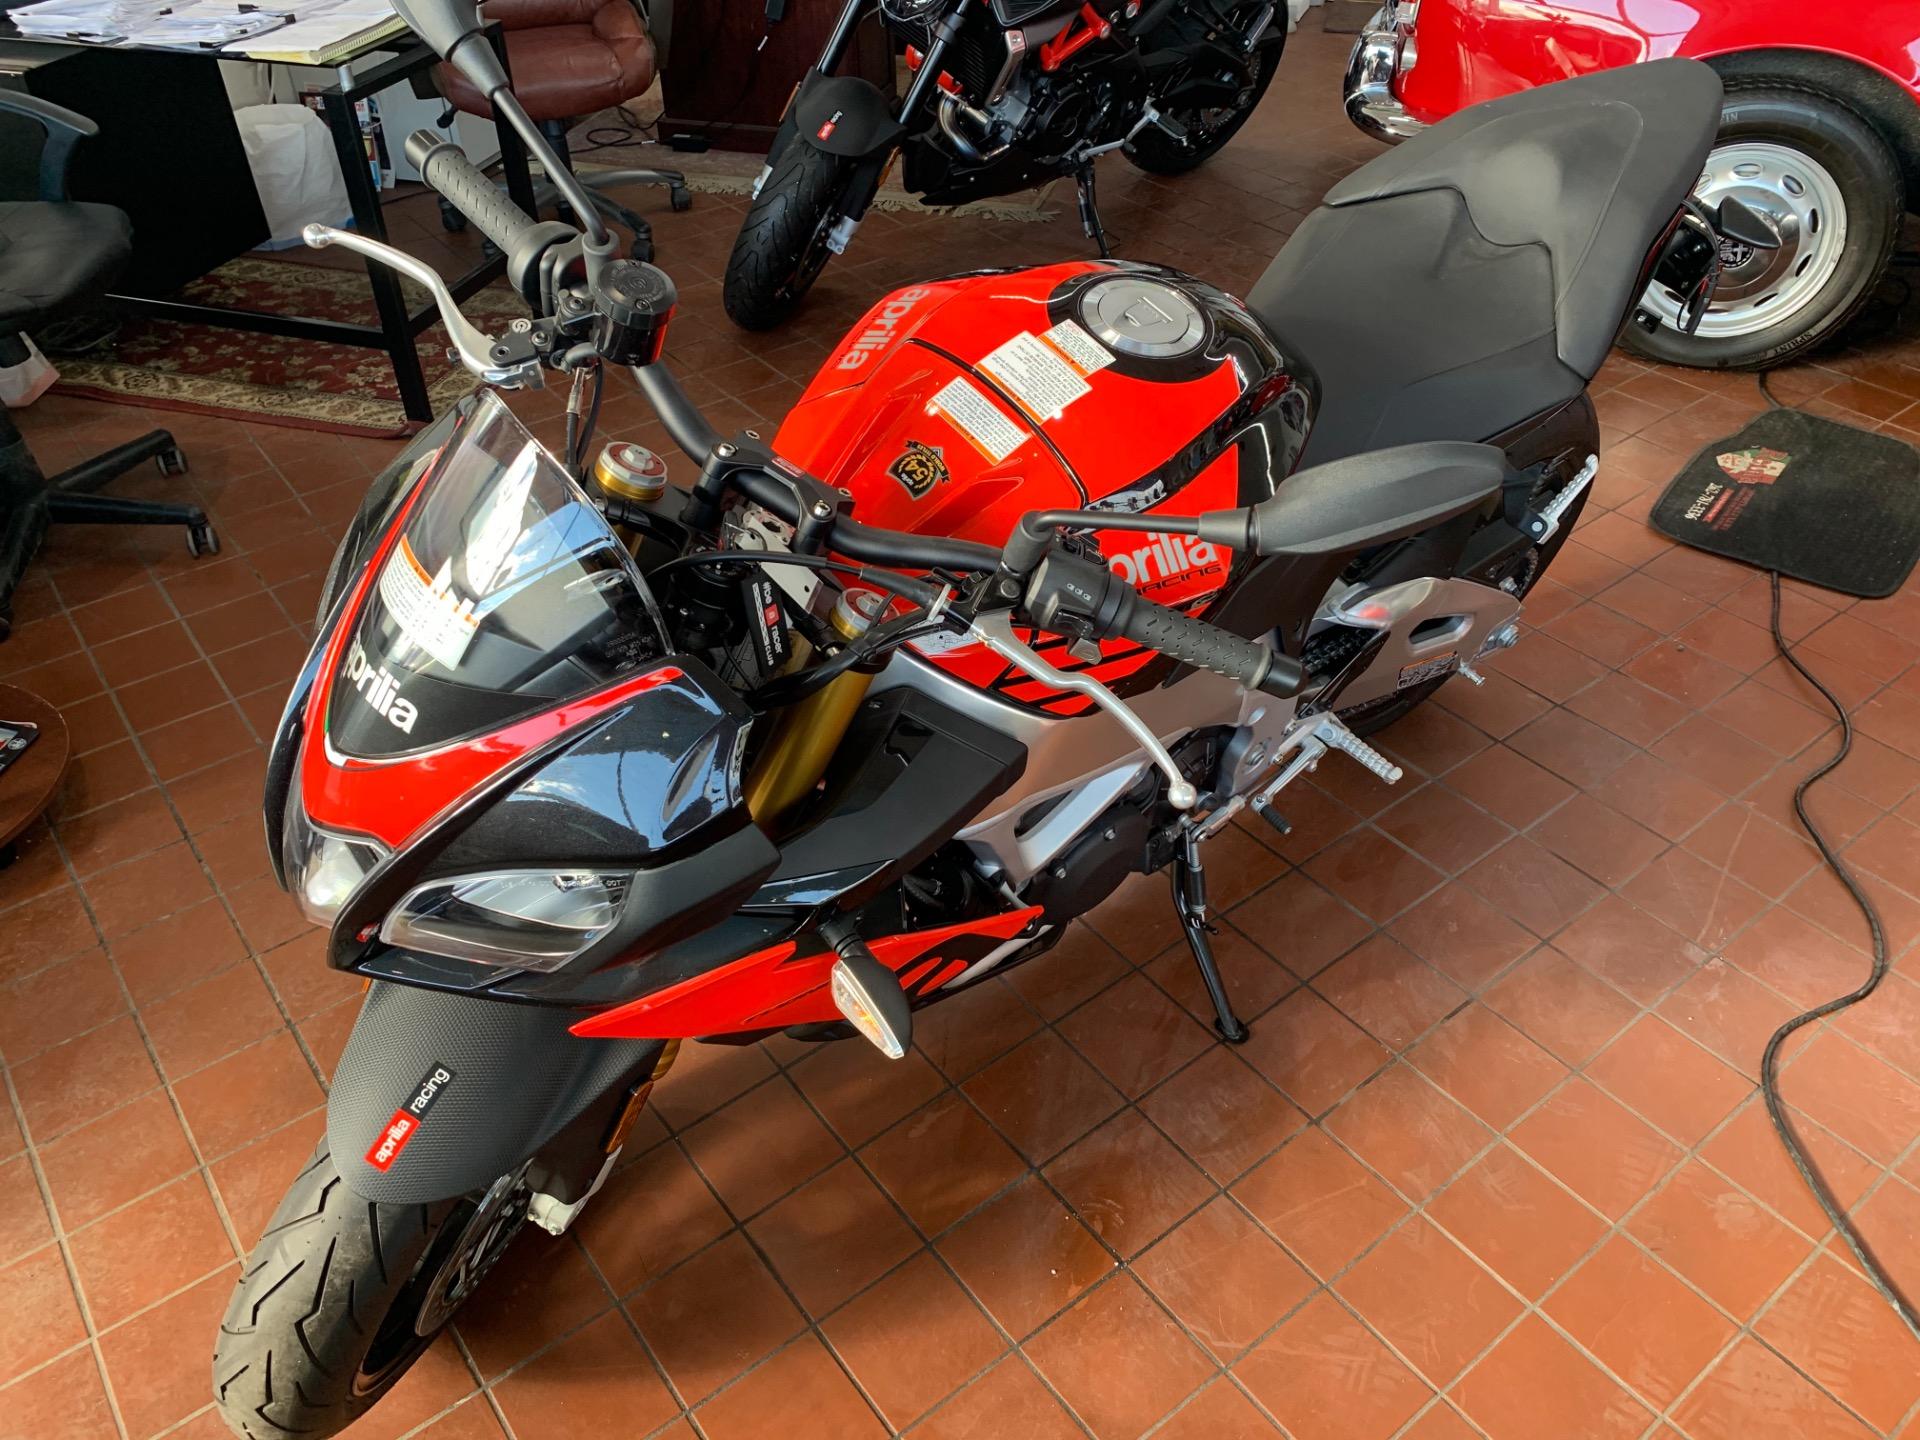 New-2019-Aprilia-Tuono-V4-1100-RR